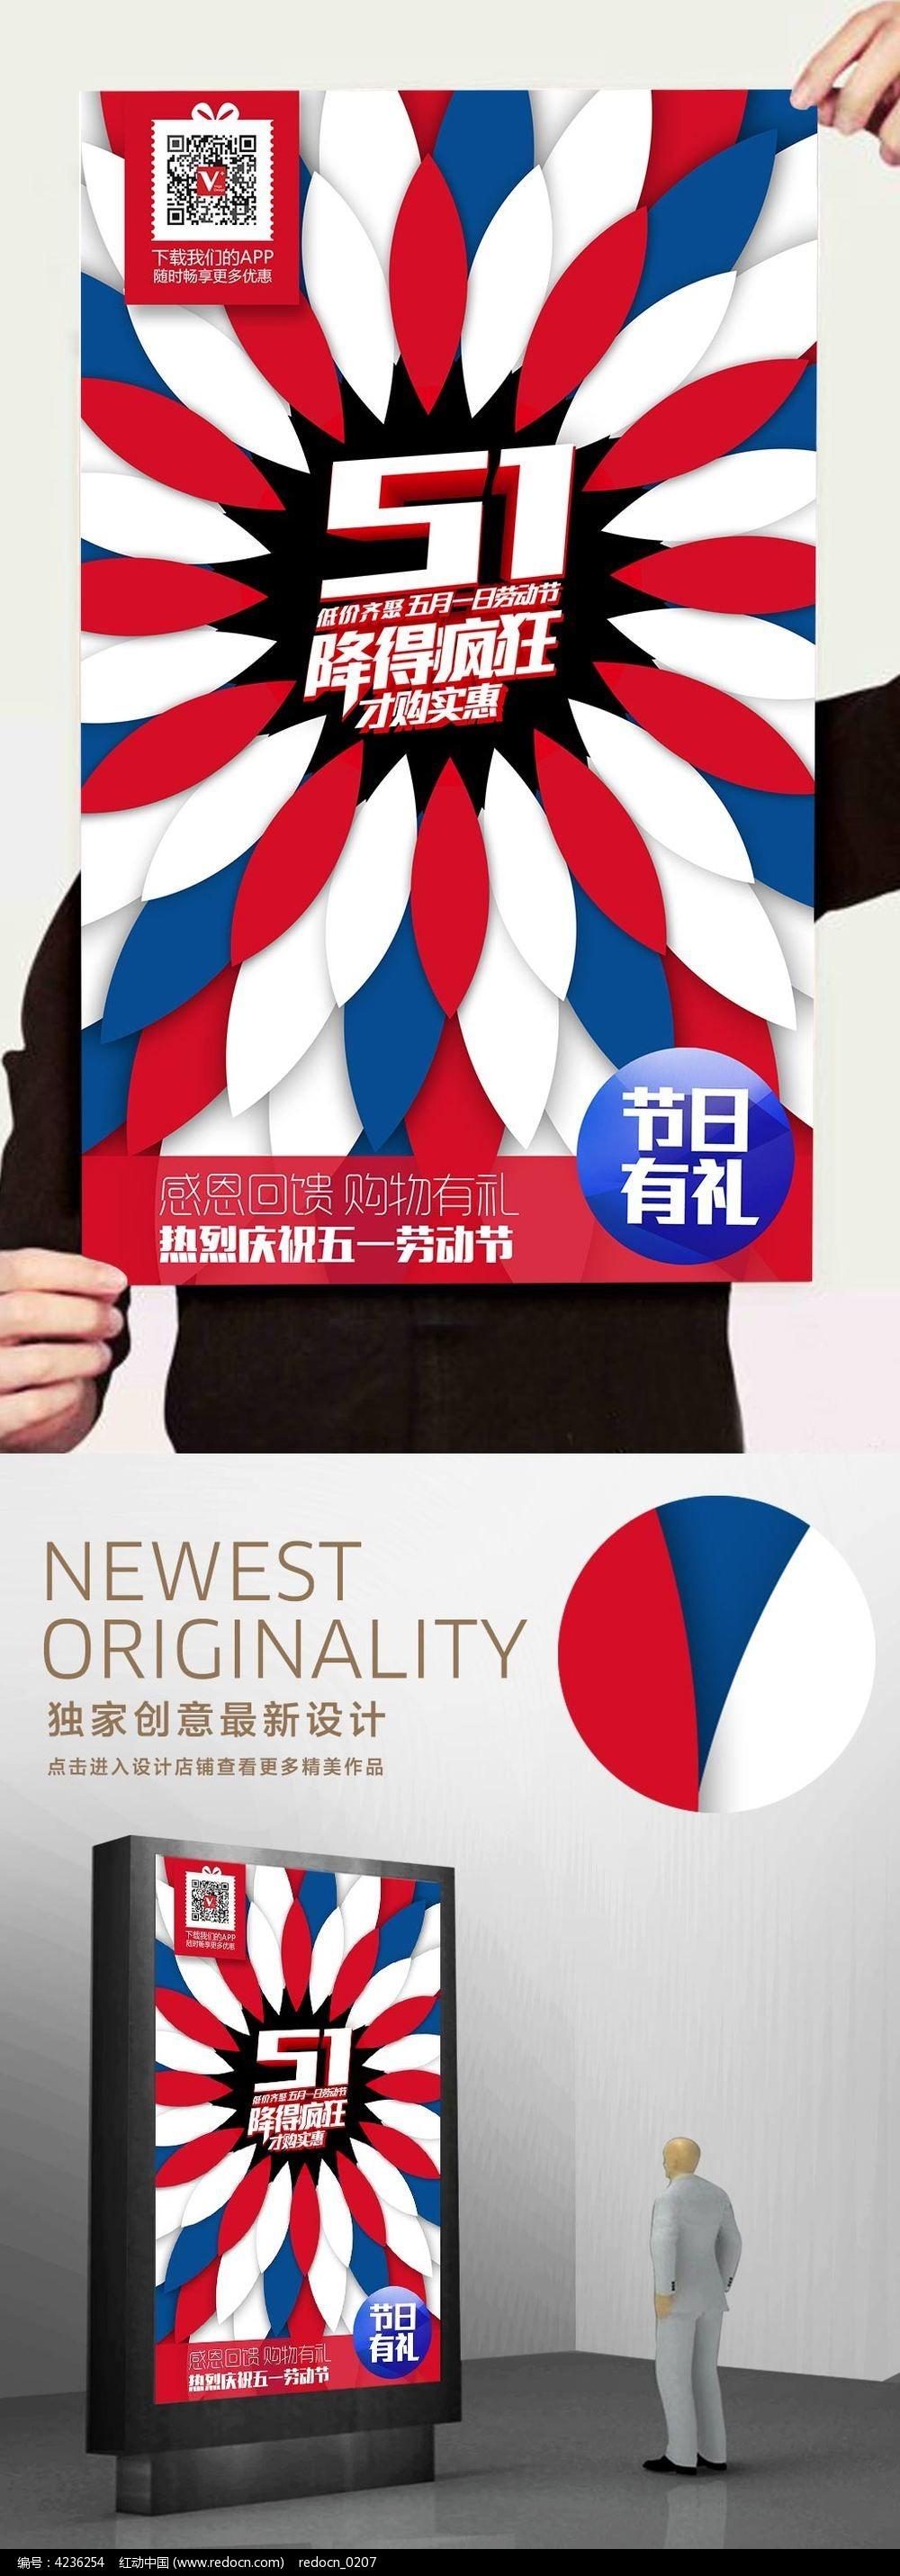 51降得疯狂创意海报设计图片